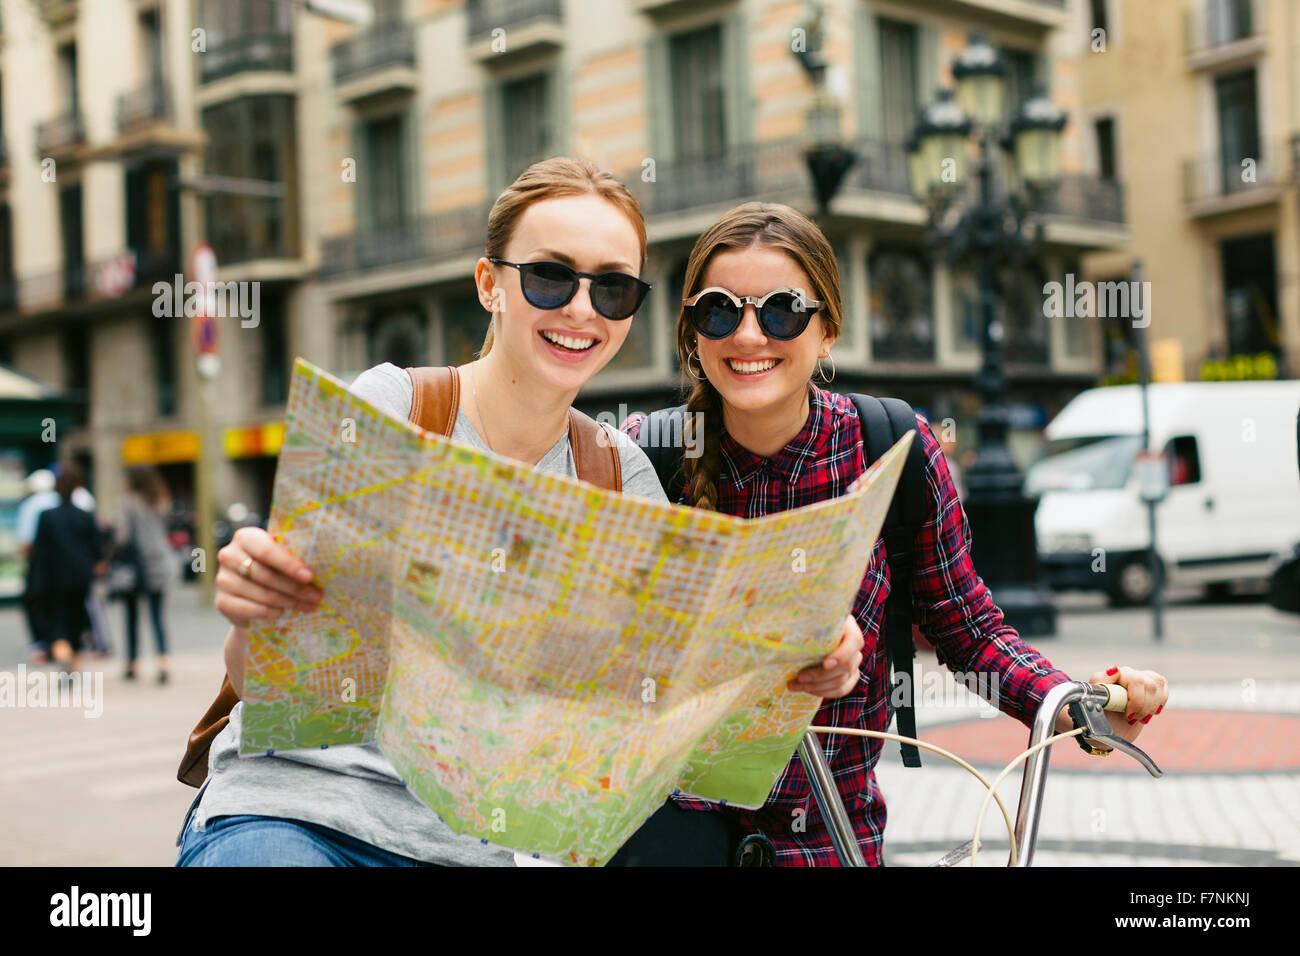 Espagne, Barcelone, deux jeunes femmes heureux avec la carte sur les bicyclettes dans la ville Banque D'Images